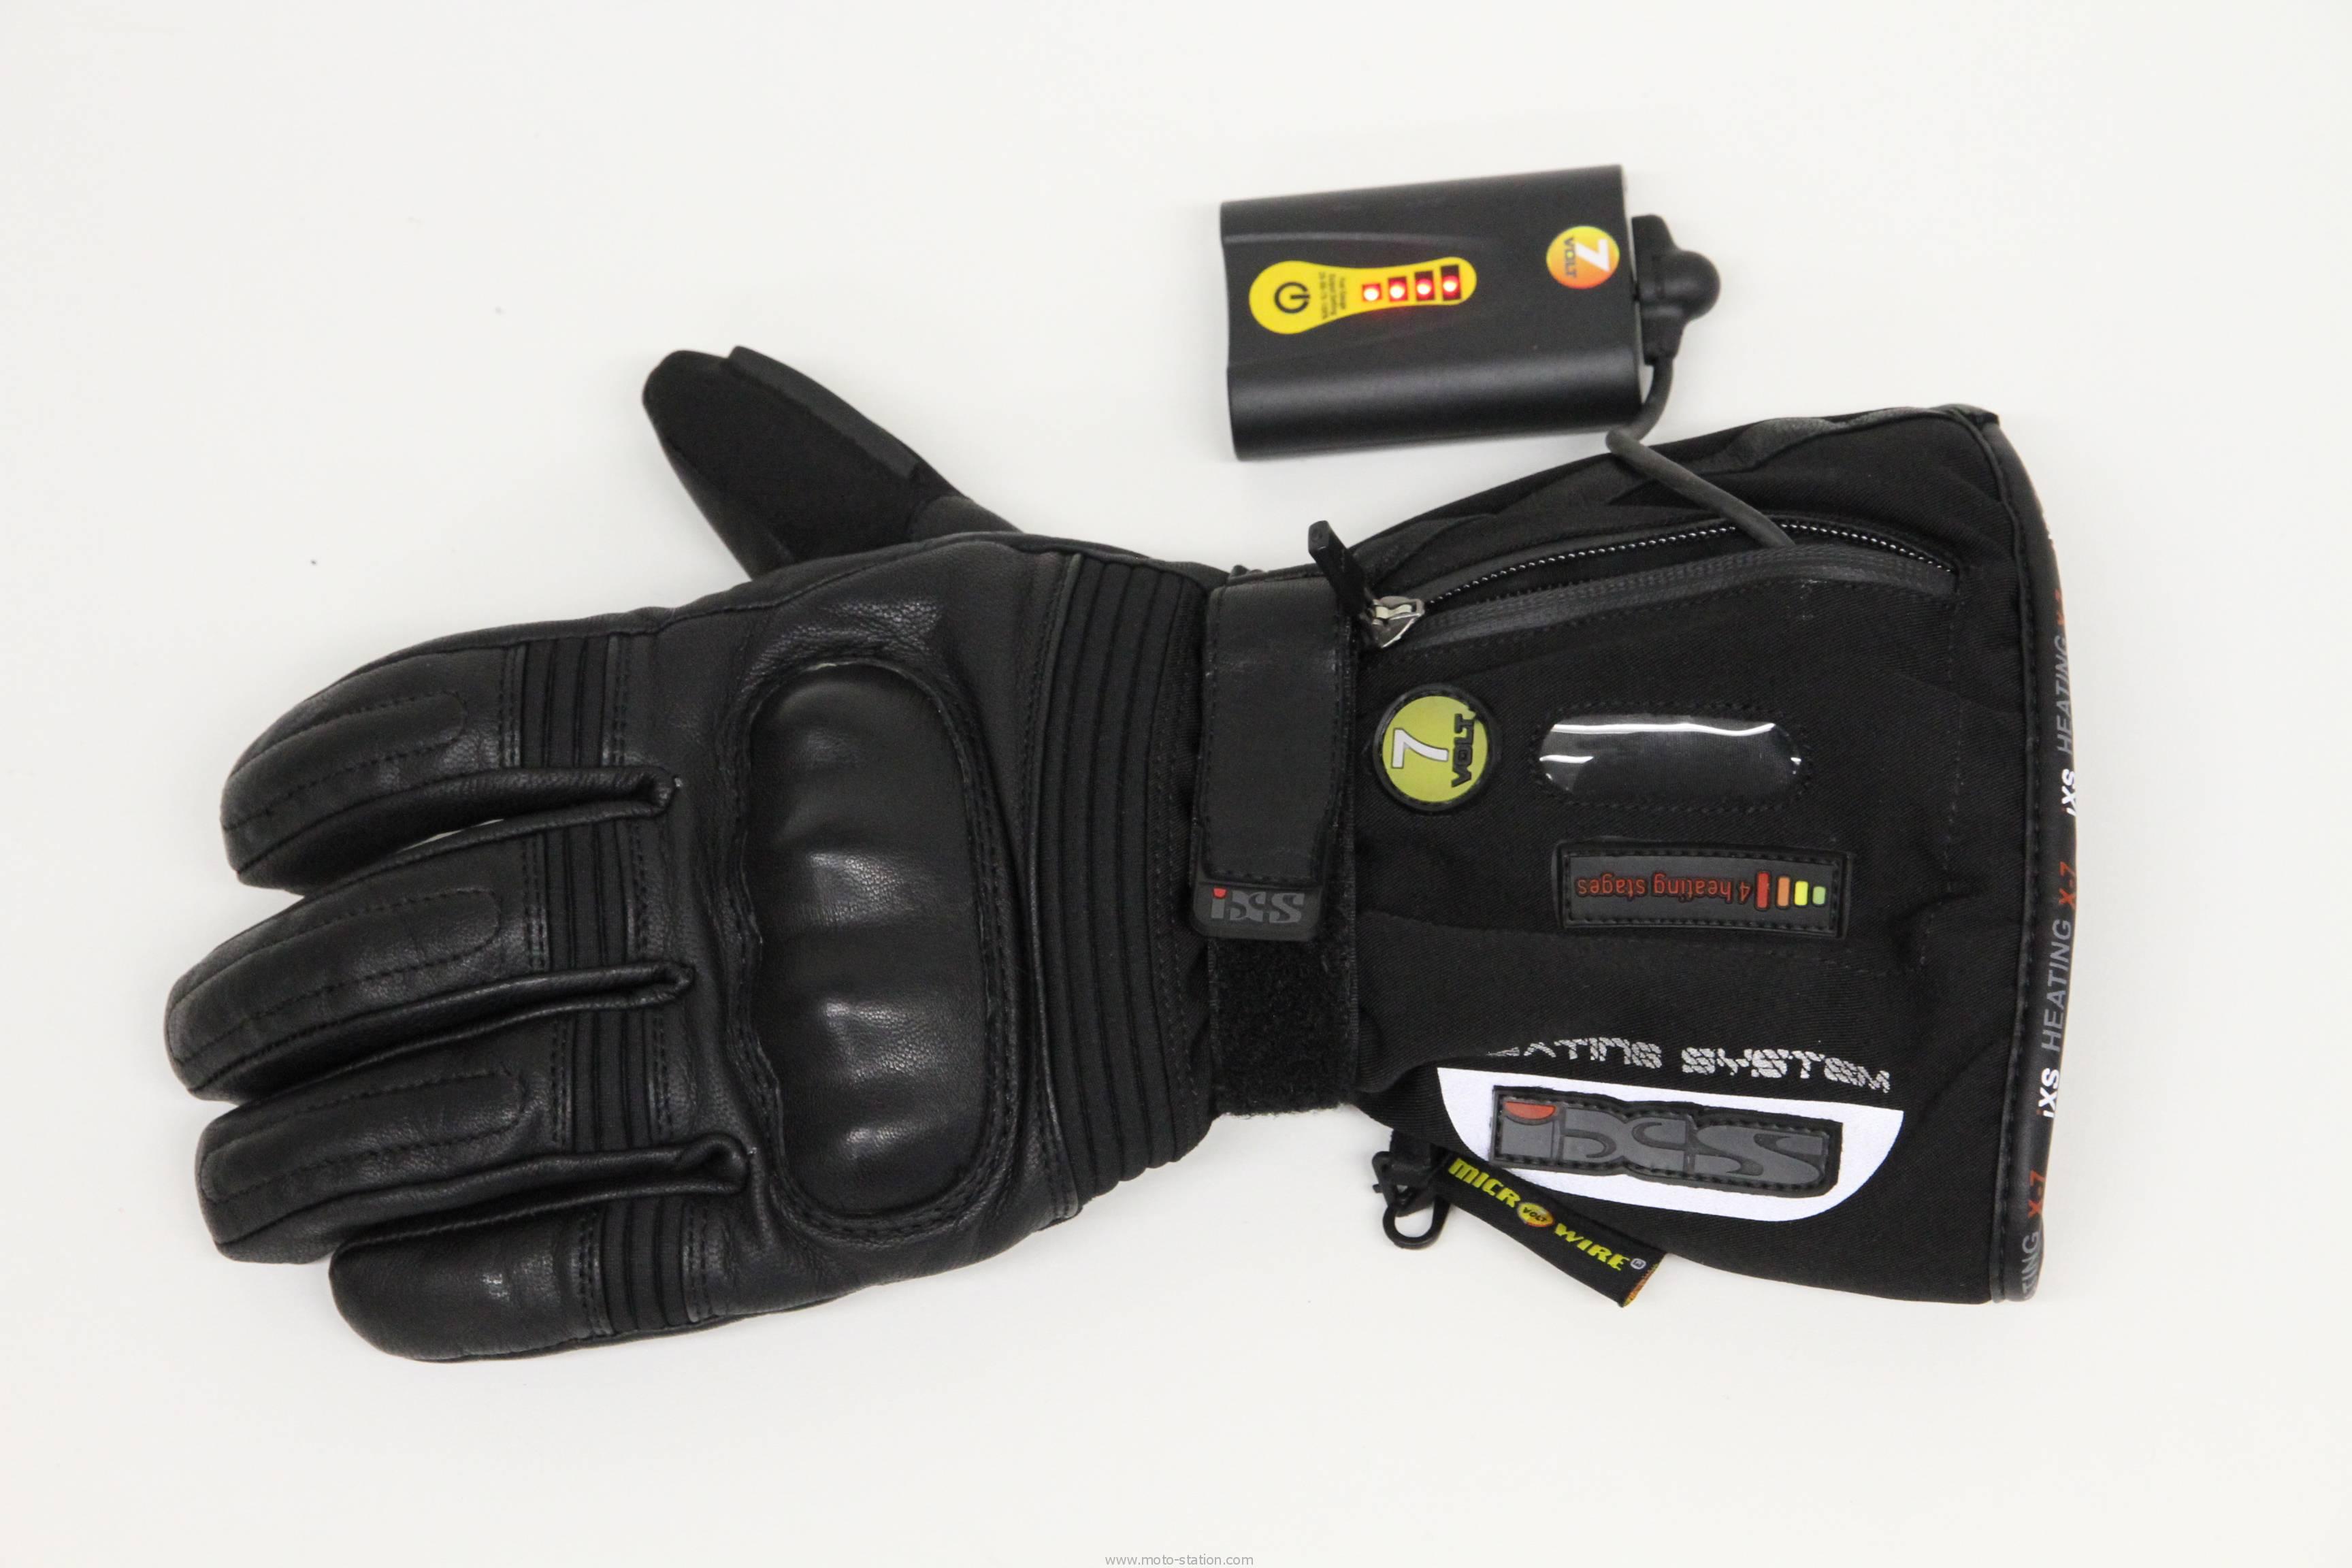 RACER paire de gants chauffants CONNECTIC 4 homme